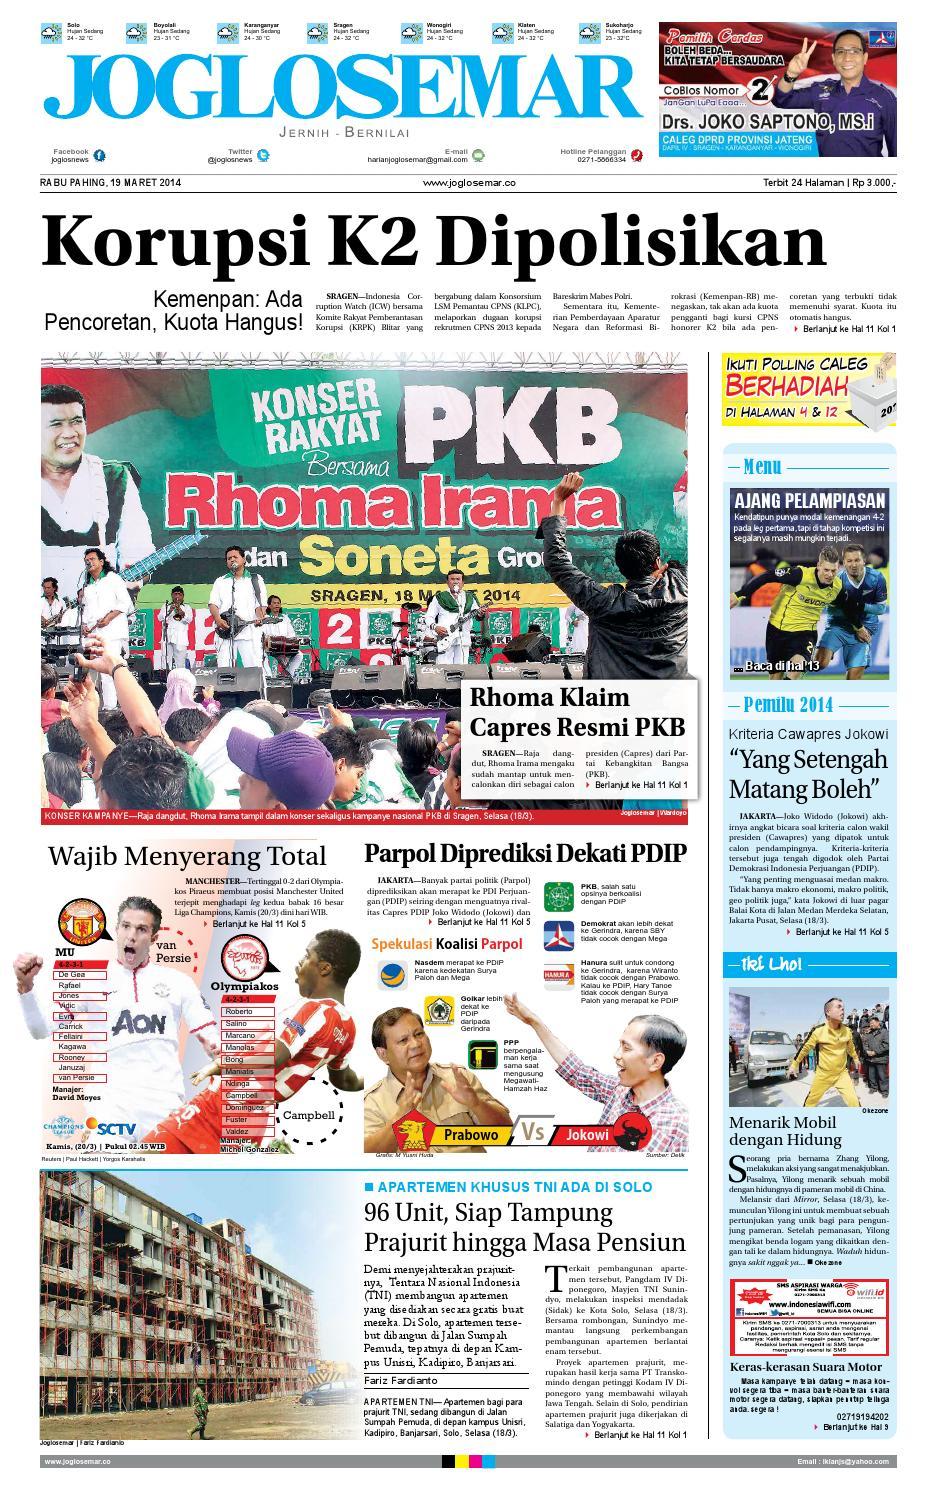 Epaper Edisi 19 Maret 2014 By PT Joglosemar Prima Media Issuu